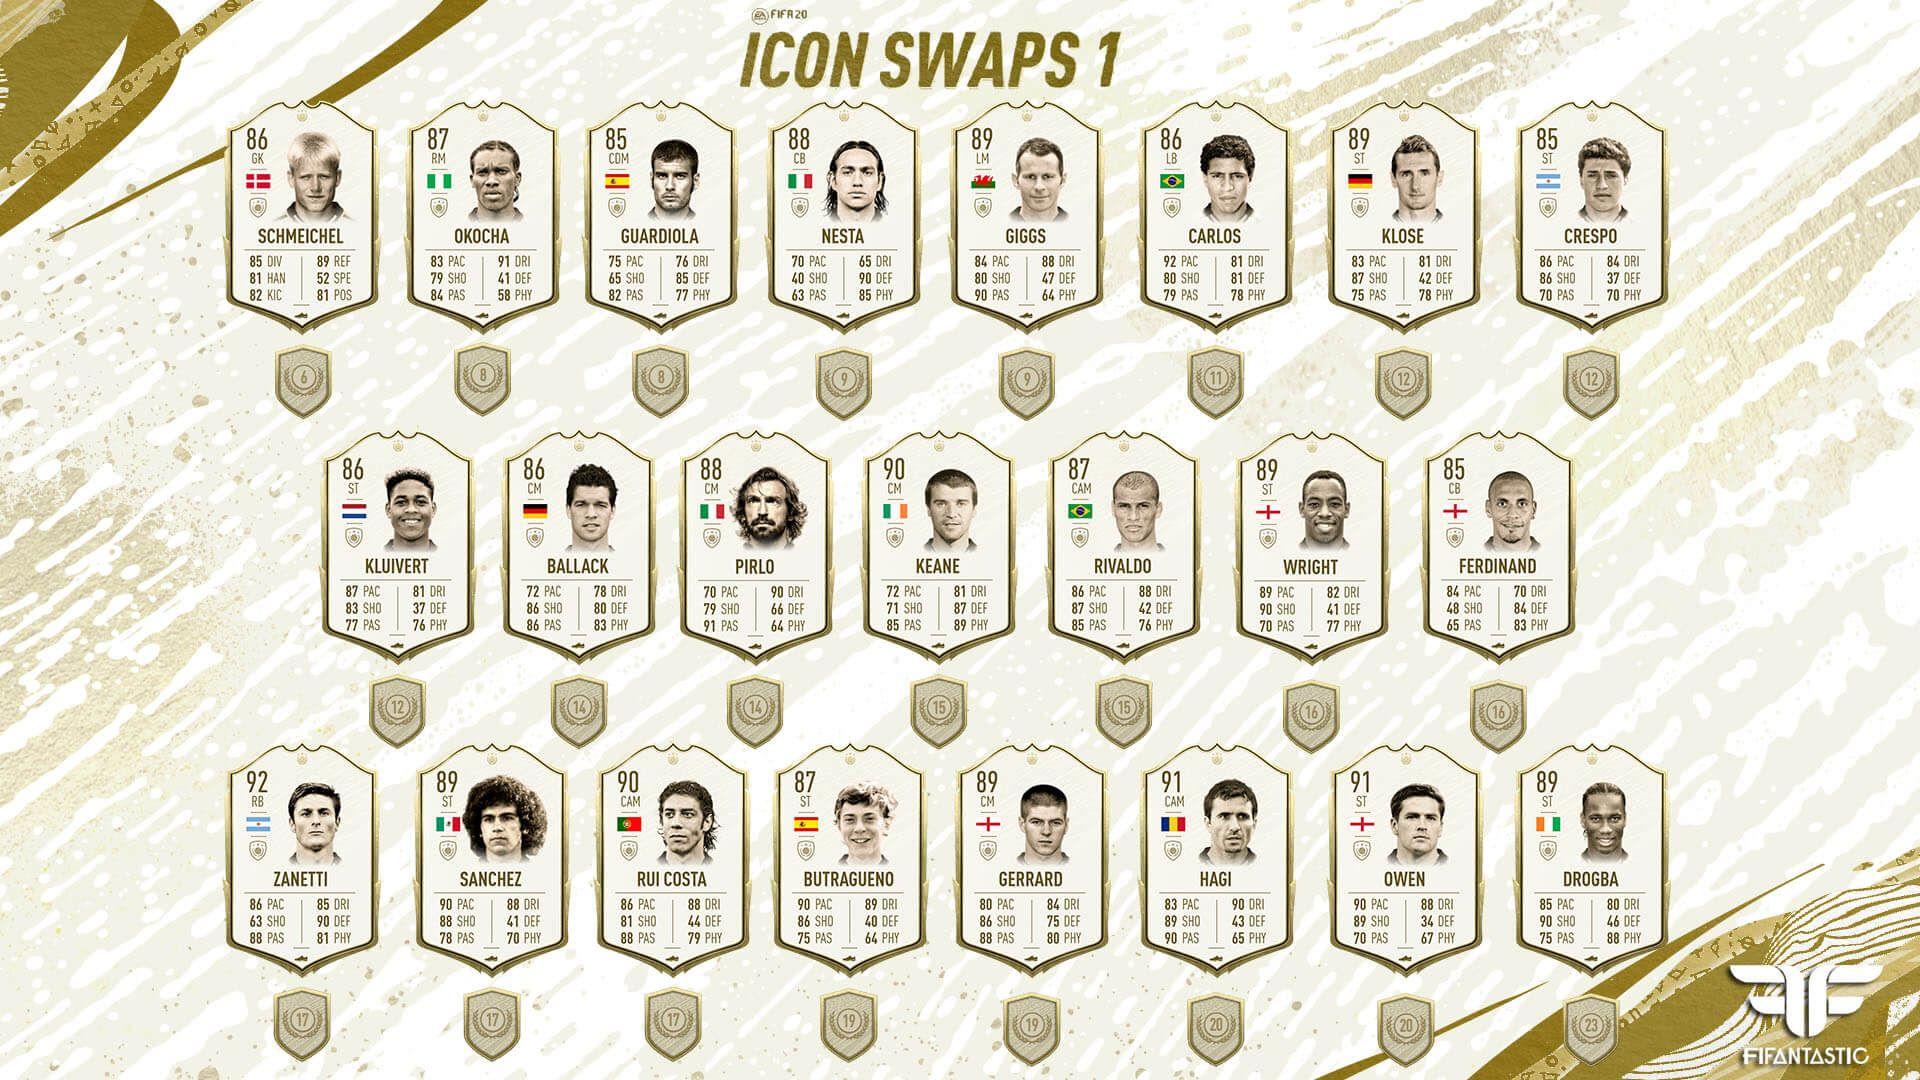 Grupo uno de los Trueques de Icono de FIFA 20 Ultimate Team